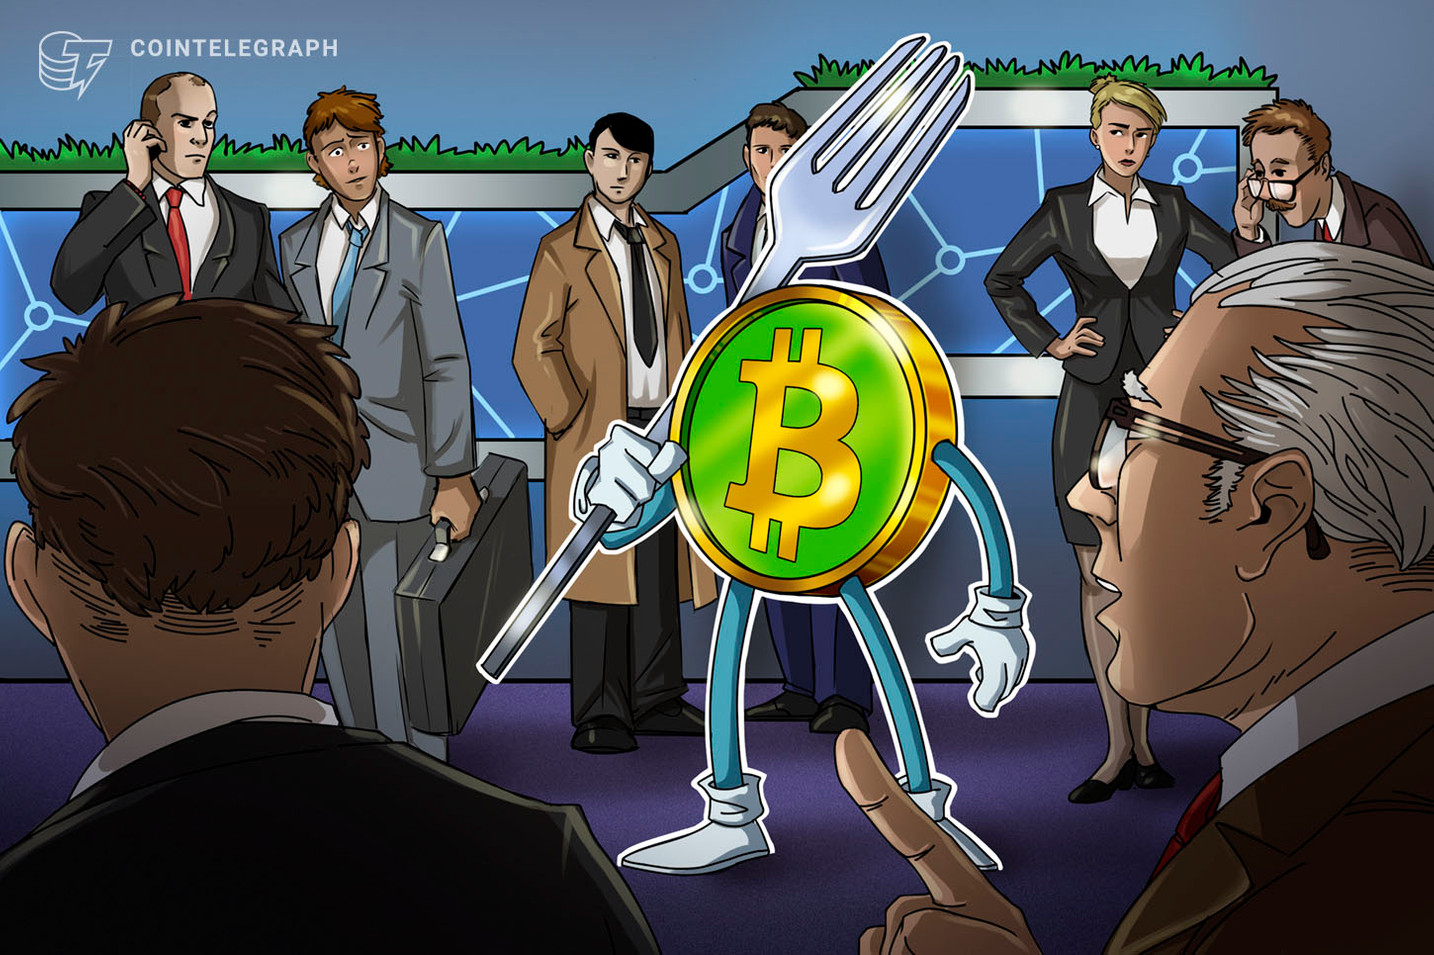 仮想通貨ビットコインキャッシュのDeFiスタートアップ、1億円調達